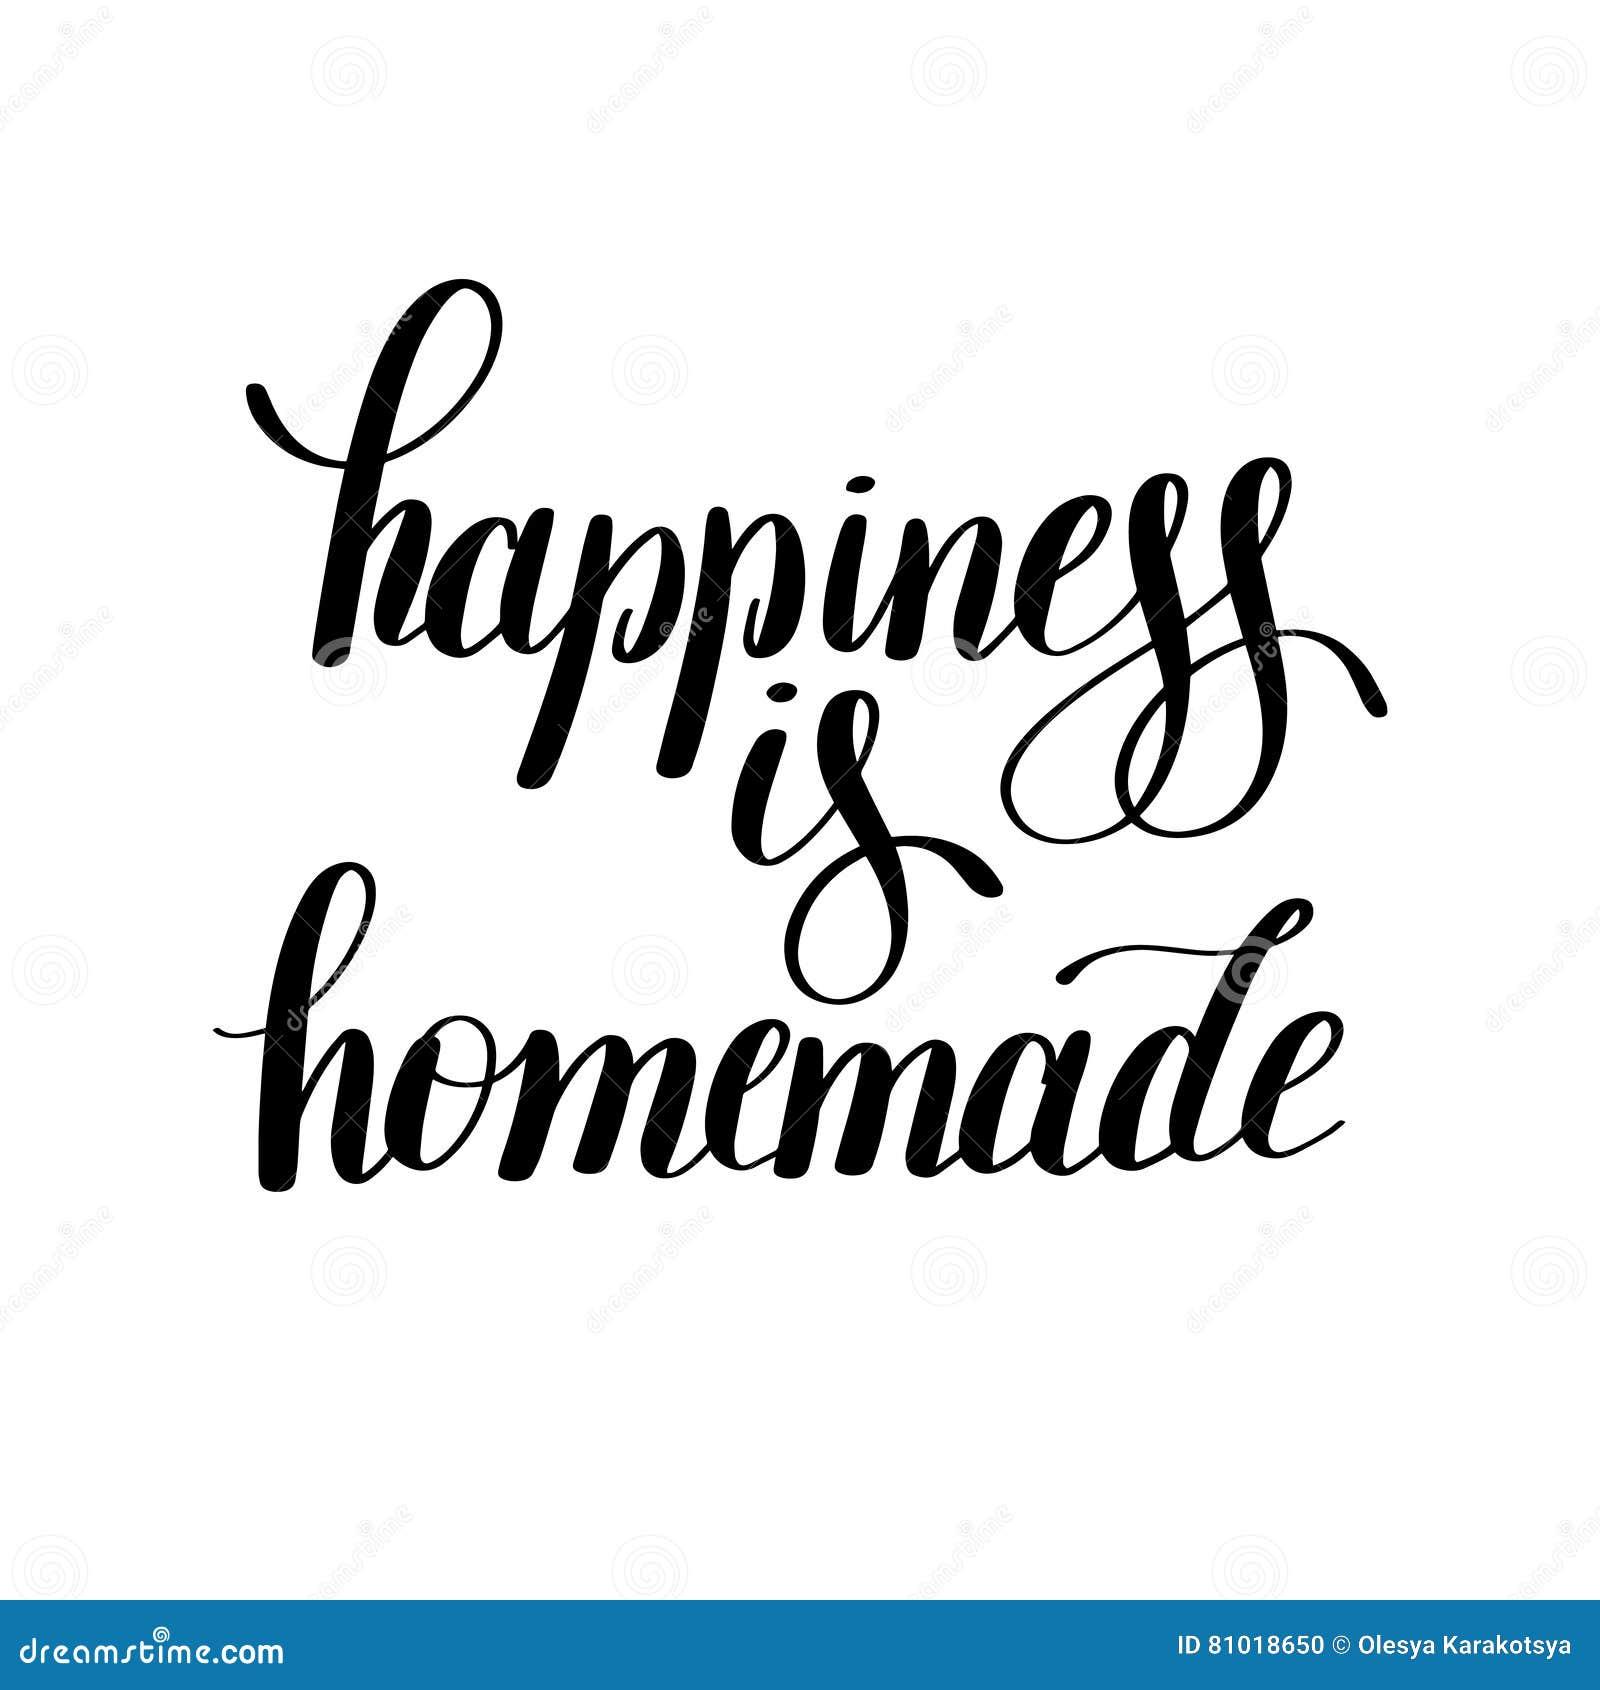 Η ευτυχία είναι σπιτικό χειρόγραφο θετικό εμπνευσμένο απόσπασμα